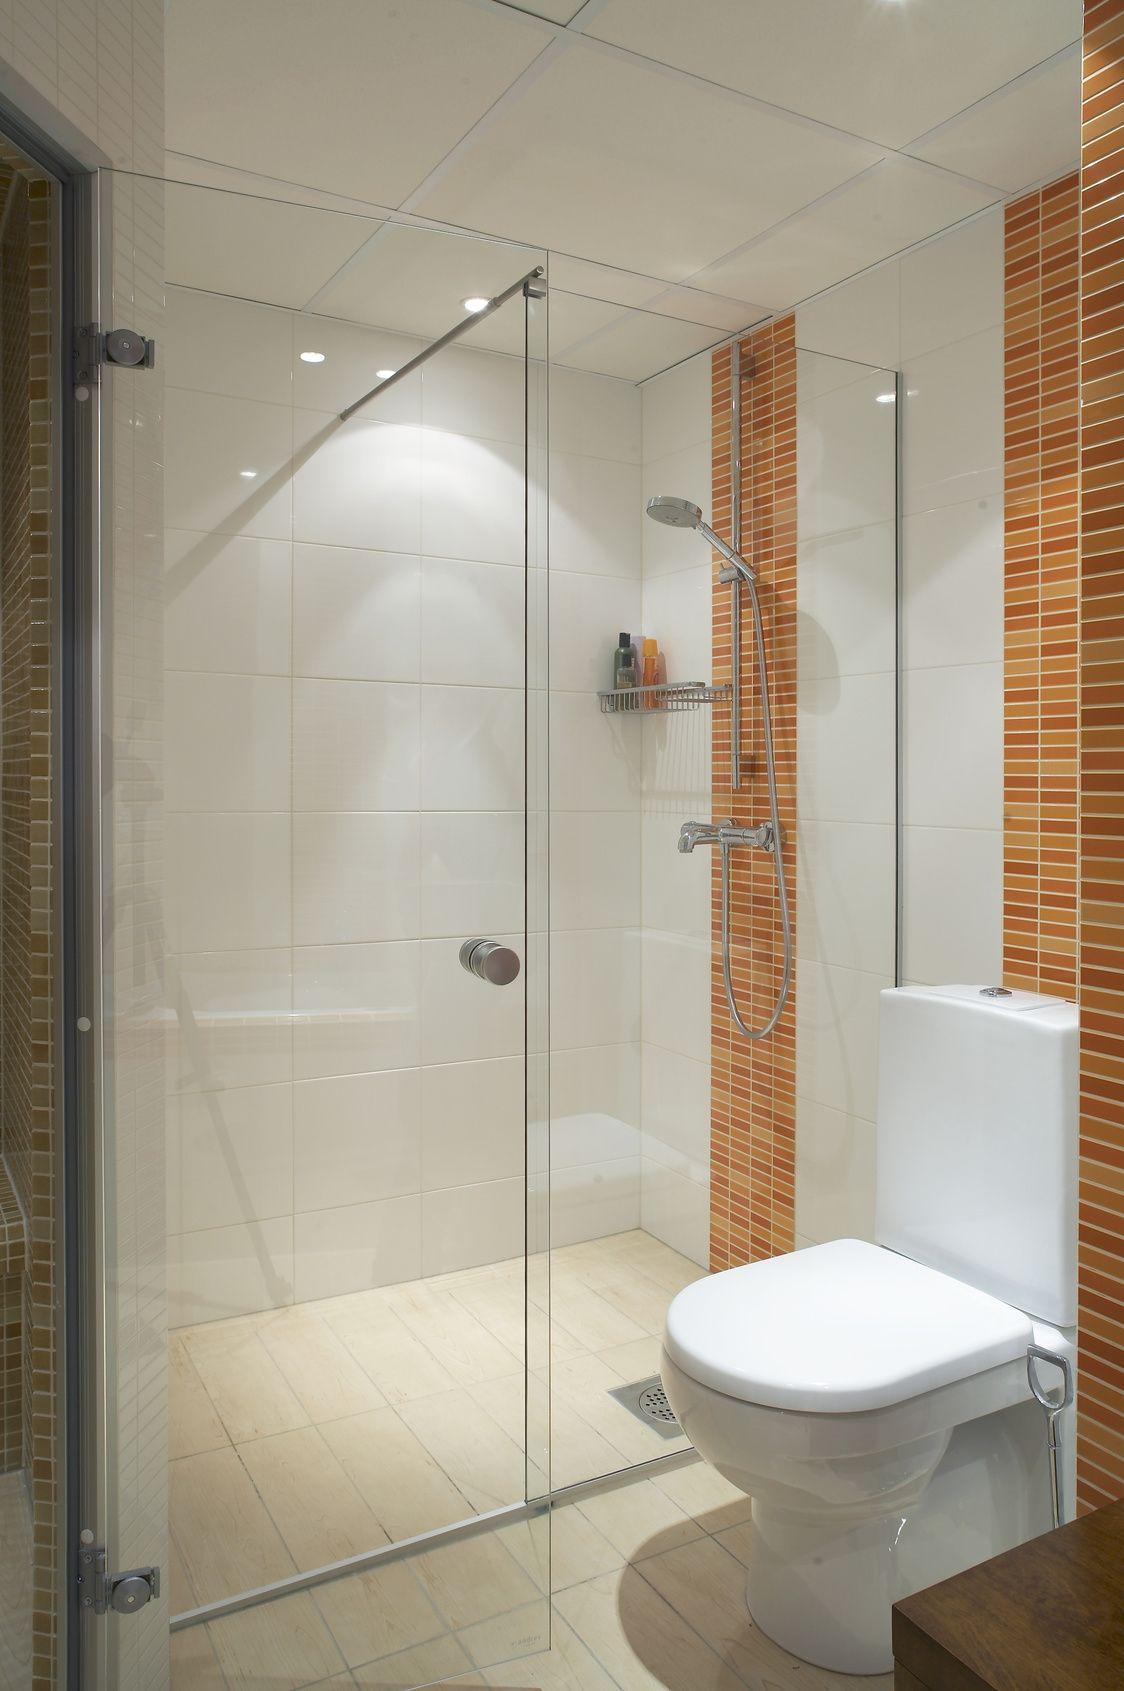 Duschkabine Wird Von Alleine Sauber Duschkabine Saubere Dusche Duschkabine Reinigen